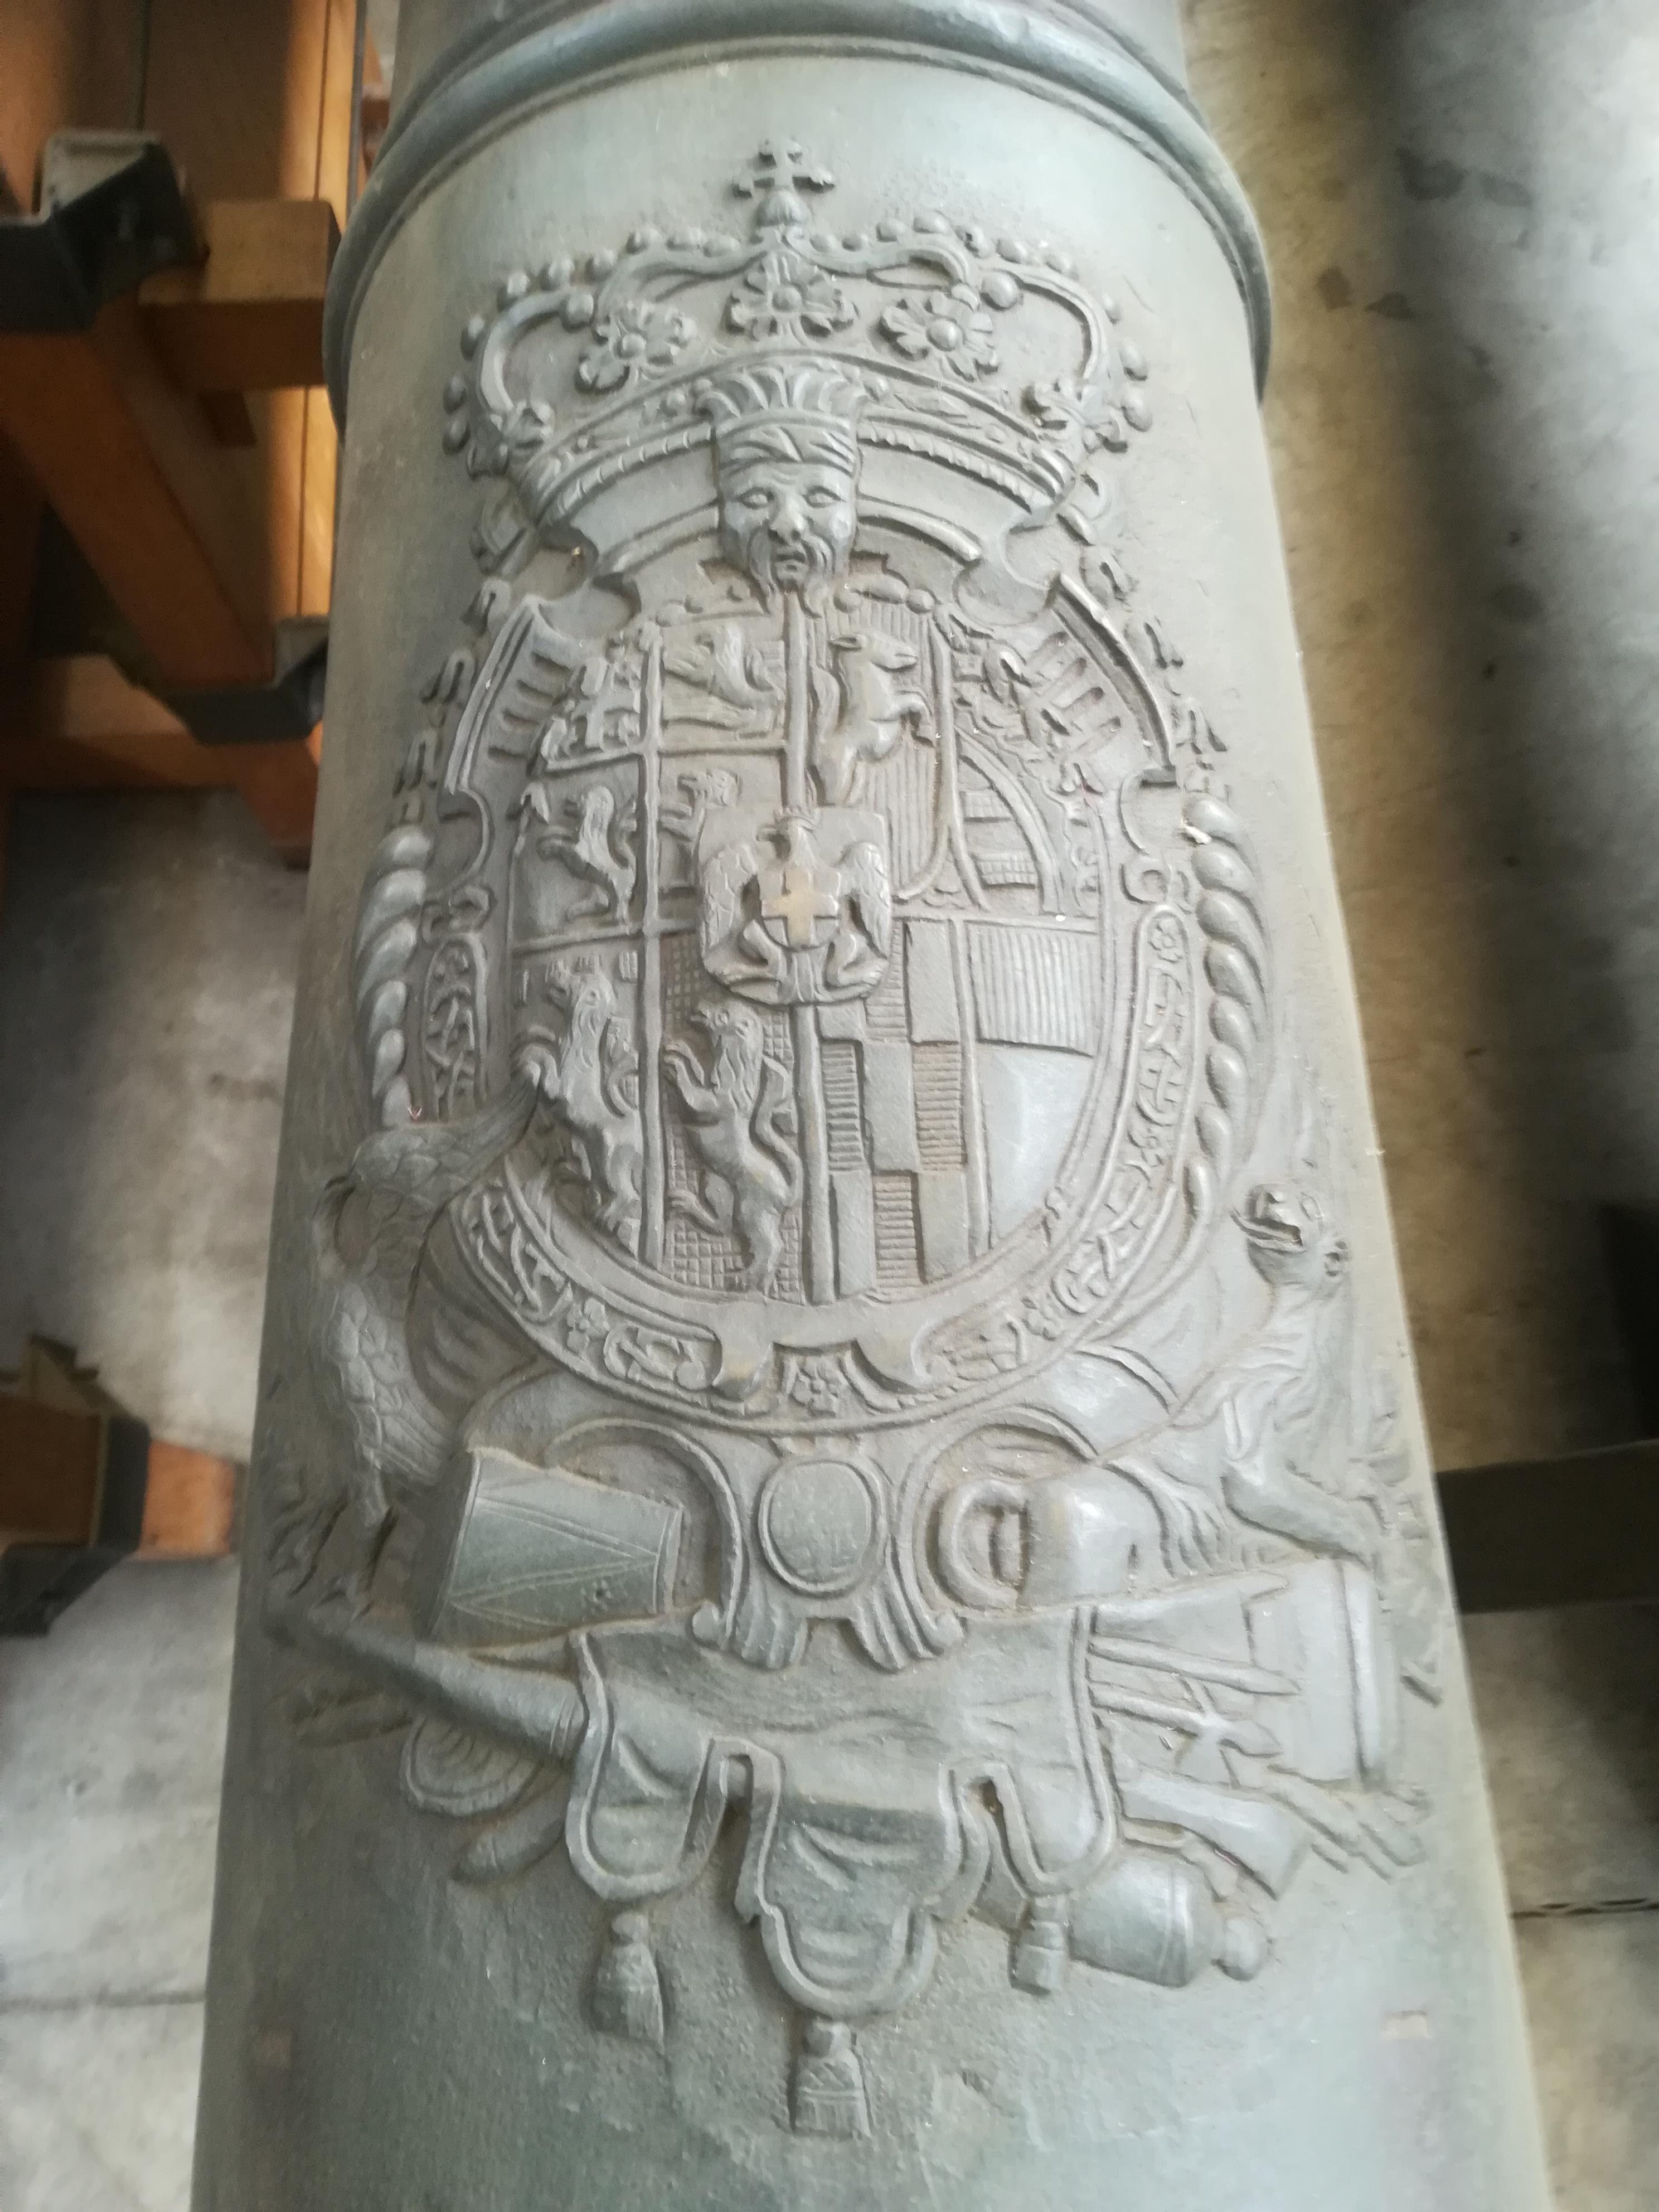 artiglieria storica (Cannone Oliastro Ducato Di Savoia XVIII sec) di Giov. Battista Cebrano (officina) - Ducato di Savoia e Regno delle Due Sicile (XVIII SEC)